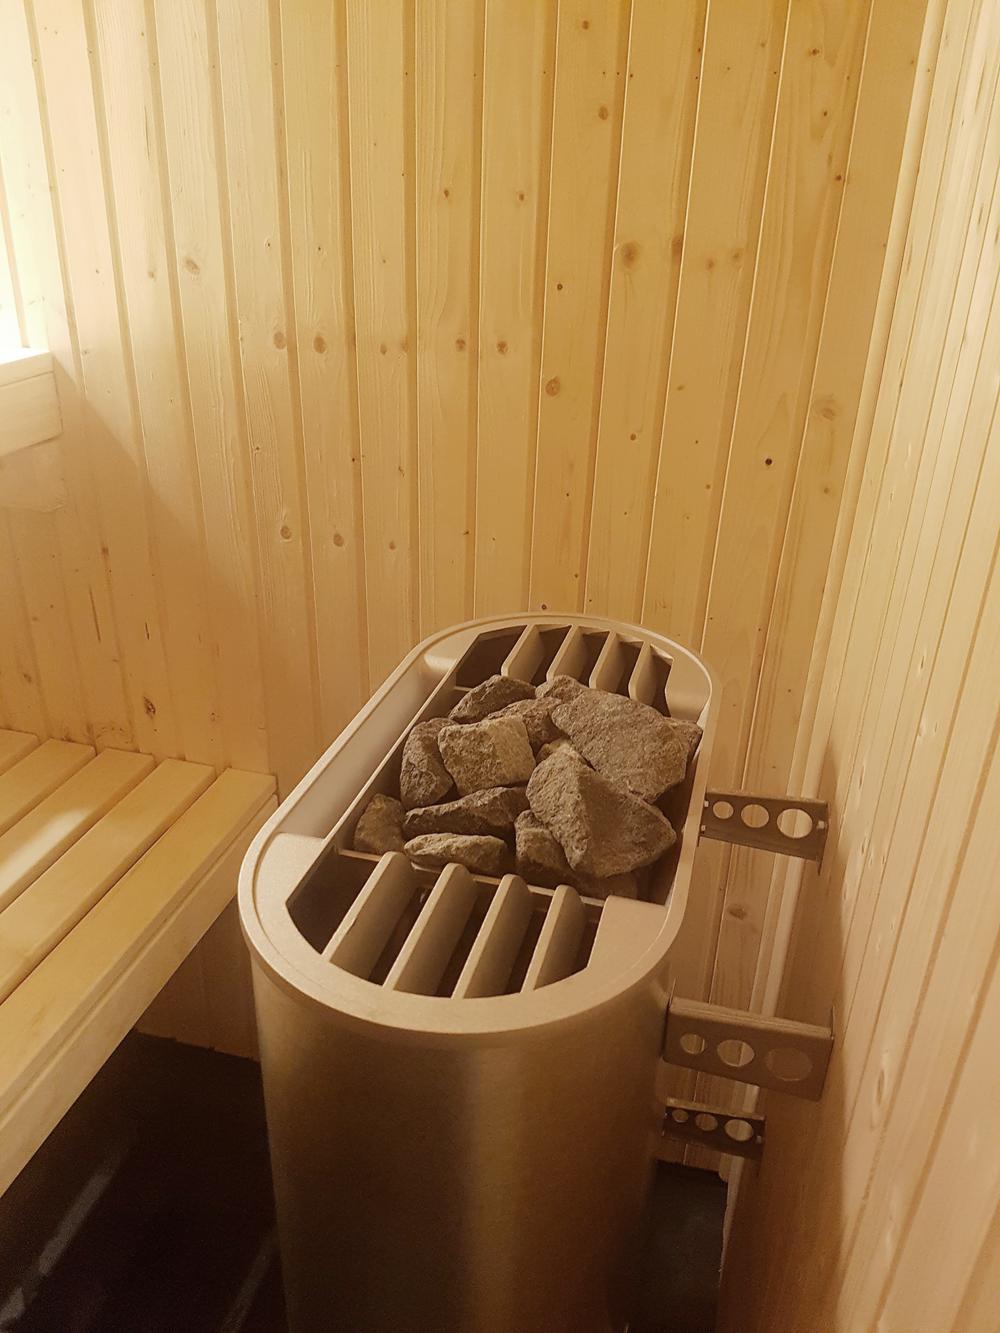 Vi har även tvättat stenarna, fått dem på plats och invigt bastun. Barnen älskar den och vill basta jämt.